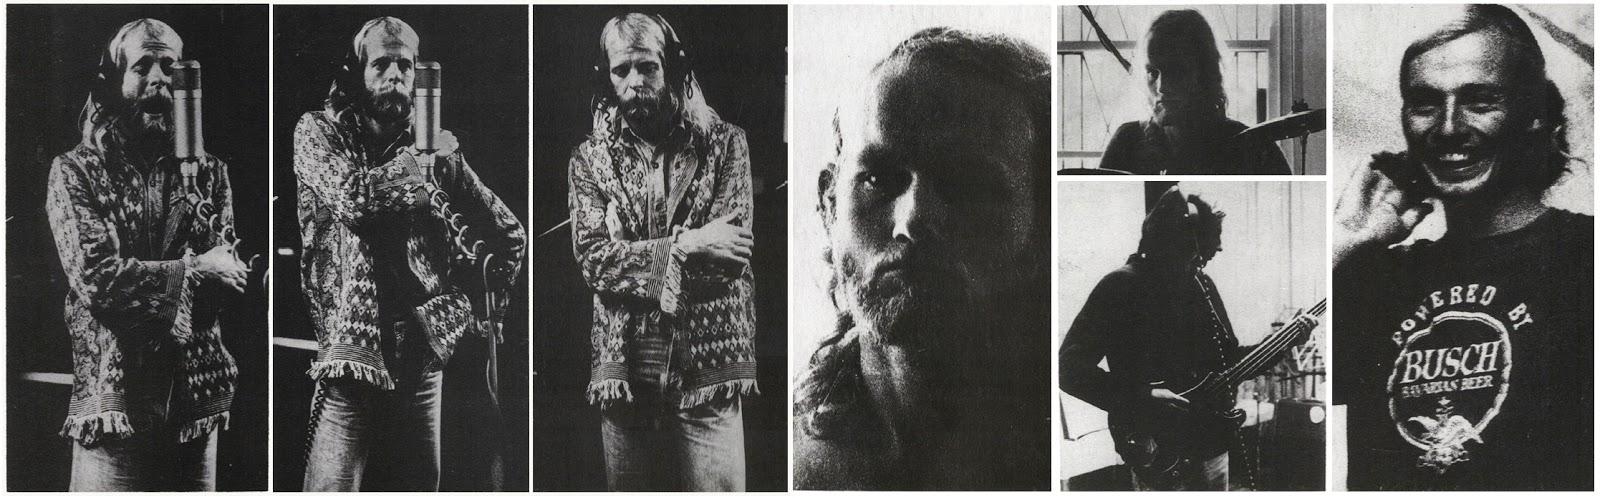 """""""Albatross"""" (não confundir com as duas bandas americanas, uma de hard rock, e a outra de symphonic prog, com o mesmo nome) foi uma banda australiana formada em setembro de 1972 após o colapso do lendário grupo de Sydney, """"Tamam Shud"""". A formação original consistia em três músicos, o vocalista e guitarrista """"Lindsay Bjerre"""" / o baixista """"Peter Baron"""" (ambos ex membros do """"Tamam Shud"""") e o baterista """"Kim Bryant"""" (ex """"Country Radio""""). Seu som era um progressivo psicodélico, como o """"Tamam Shud"""", mas com elementos de folk e música country, bem como uma série de outras bandas contemporâneas da Austrália, como """"Country Radio"""", """"The Flying Circus"""" e """"The Dingoes. """"Albatross"""" apareceu regularmente em apresentações no Memorial Hall, nos subúrbios de Sydney, Mona Vale. No ano novo, de 1972 pra 1973, """"Albatross"""" tocou no Bungool Festival na cidade de Windsor-NSW, que devido à má organização, ouve um conflito com o conselho local e o primeiro dia foi cancelado. No início de 1973 o grupo adotou uma vocalista, """"Simone"""" (esposa de """"Bjerre""""), e em abril se juntaram a eles o multi-instrumentista """"Richard Lockwood"""" do grupo """"Tully"""", e que também tocou na última fase do """"Tamam Shud"""". Com esta formação foi lançado em 1973 o único álbum, """"A Breath Of Fresh Air"""", distribuído pelo selo Warner Reprise. contou com a ajuda também de """"Gary Friedrich"""" (slide guitar), """"Pirana Kit Greig"""" (organ) e """"Chris Blanchflower"""" do """"Country Radio"""" (gaita). Este belo álbum foi remasterizado e relançado em CD, e ao mesmo tempo, o LP original tornou-se muito valioso para colecionadores, passa de U$100. Depois de apoiar """"Frank Zappa"""" durante sua primeira turnê australiana em julho de 1973, a banda se separou. """"Lindsay Bjerre"""" passou os próximos anos viajando, periodicamente, relatando que escreveu uma ópera rock, e ainda estudou a arte da mímica na Inglaterra com lenda teatral """"Lindsay Kemp"""". Ele reapareceu em 1977 sob o nome """"Bjerre"""" e com o apoio da """"Countdown"""", lançou o single """"She Taught Me How To Love Agai"""